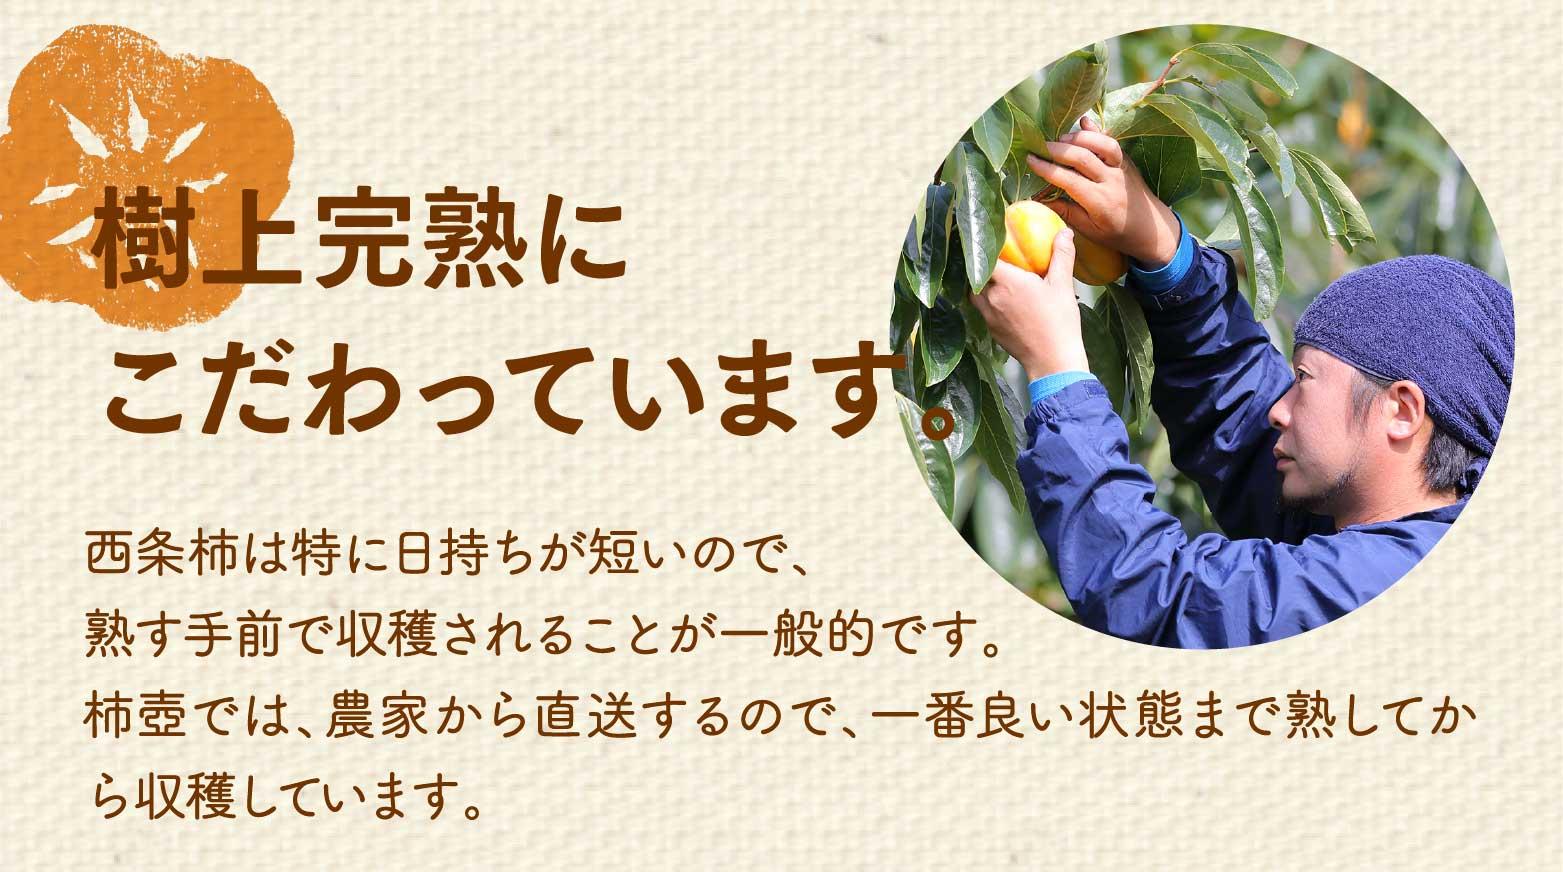 樹上完熟にこだわっています。西条柿は特に日持ちが短いので、熟す手前で収穫されることが一般的です。柿壺では、農家から直送するので、一番良い状態まで熟してから収穫しています。